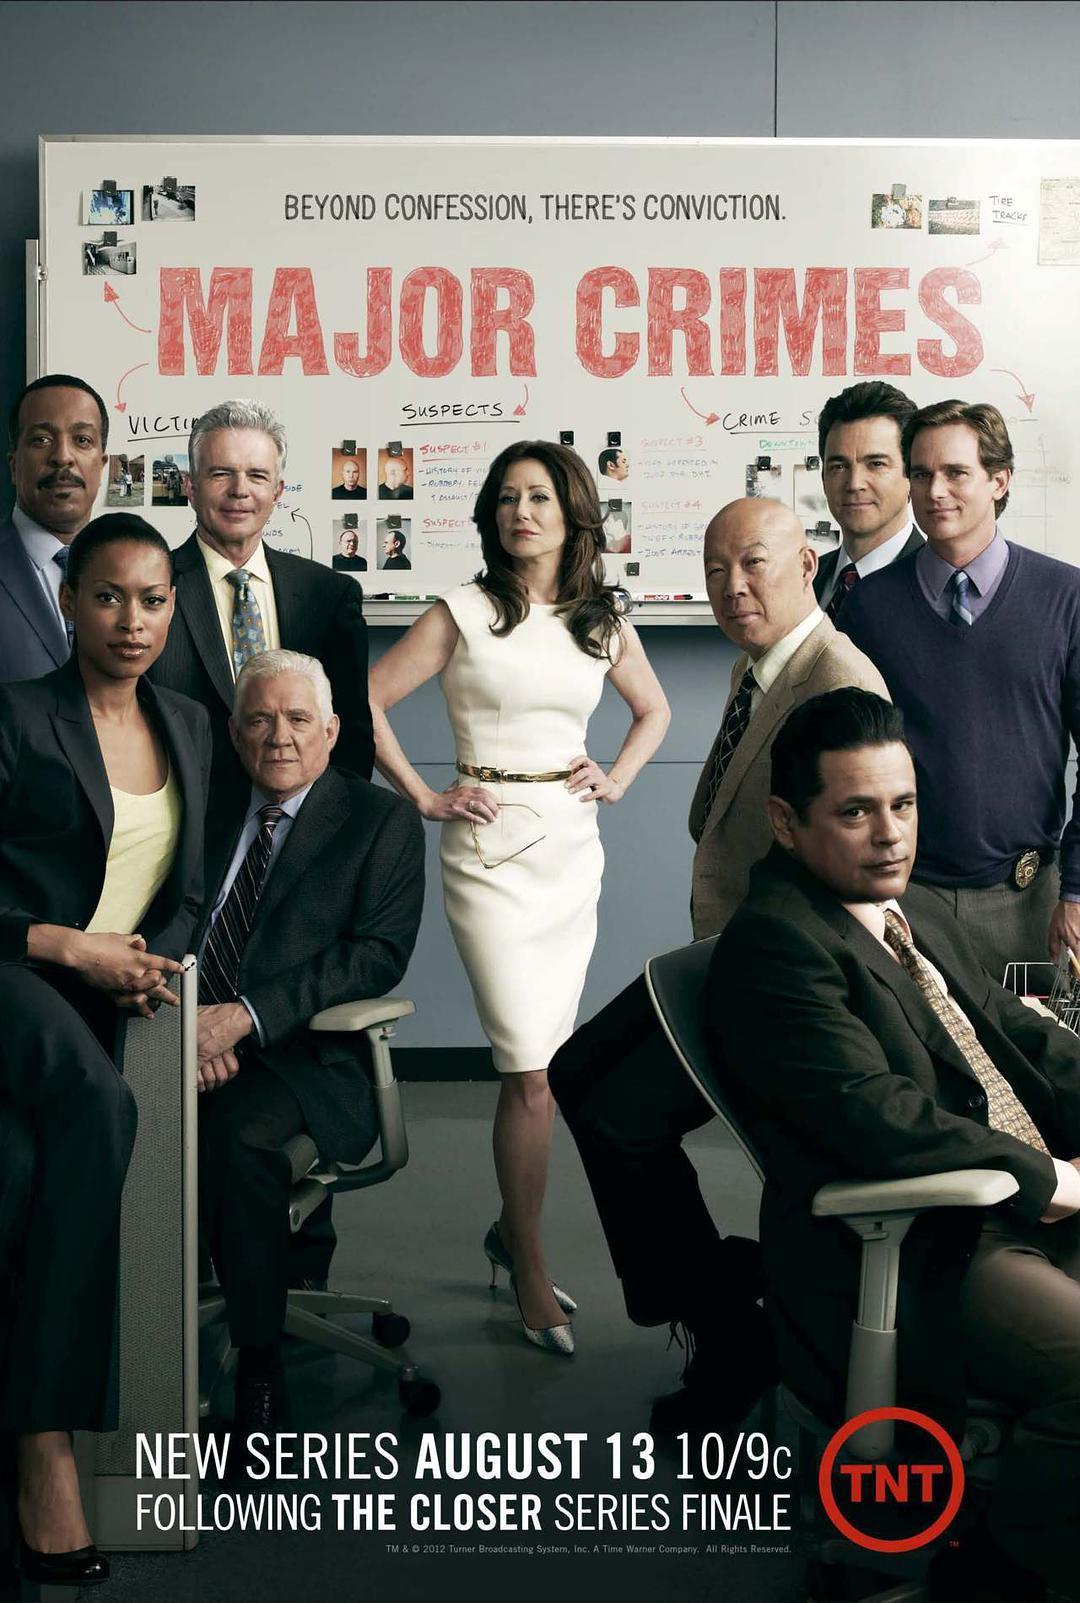 Major Crimes Season 1